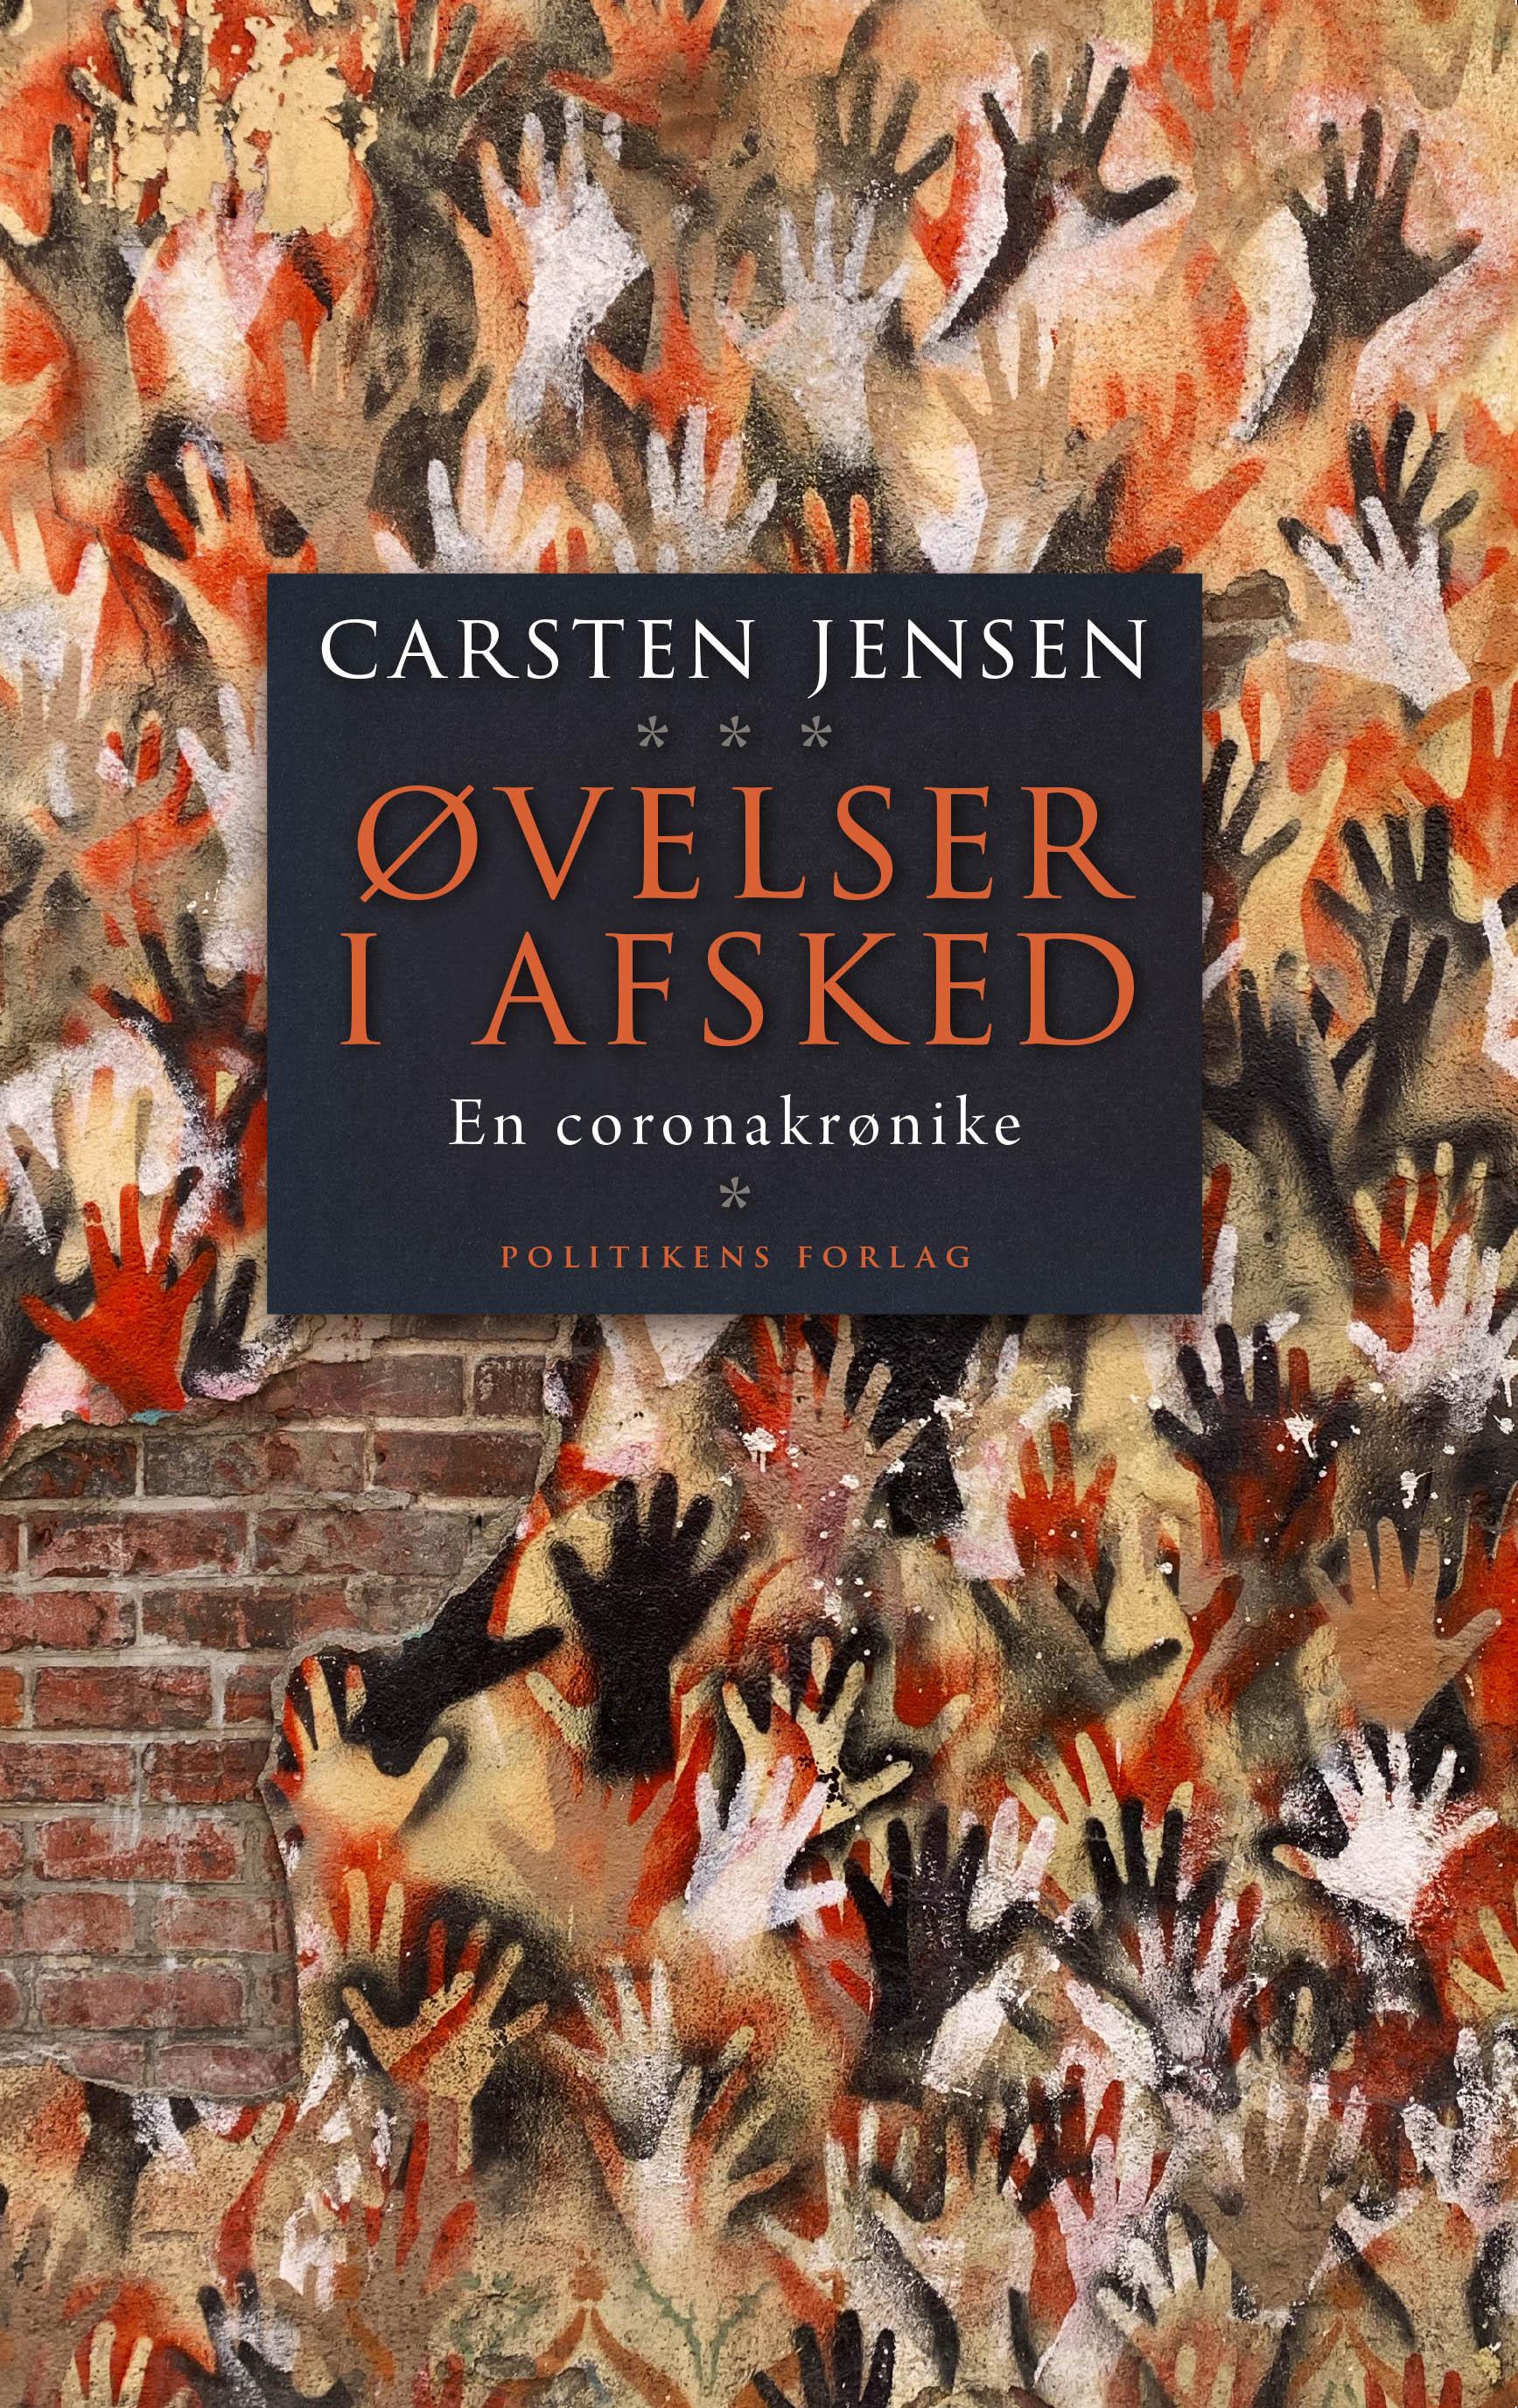 Øvelser i afsked - Carsten Jensen - Bøger - Politikens Forlag - 9788740065053 - 23/11-2020